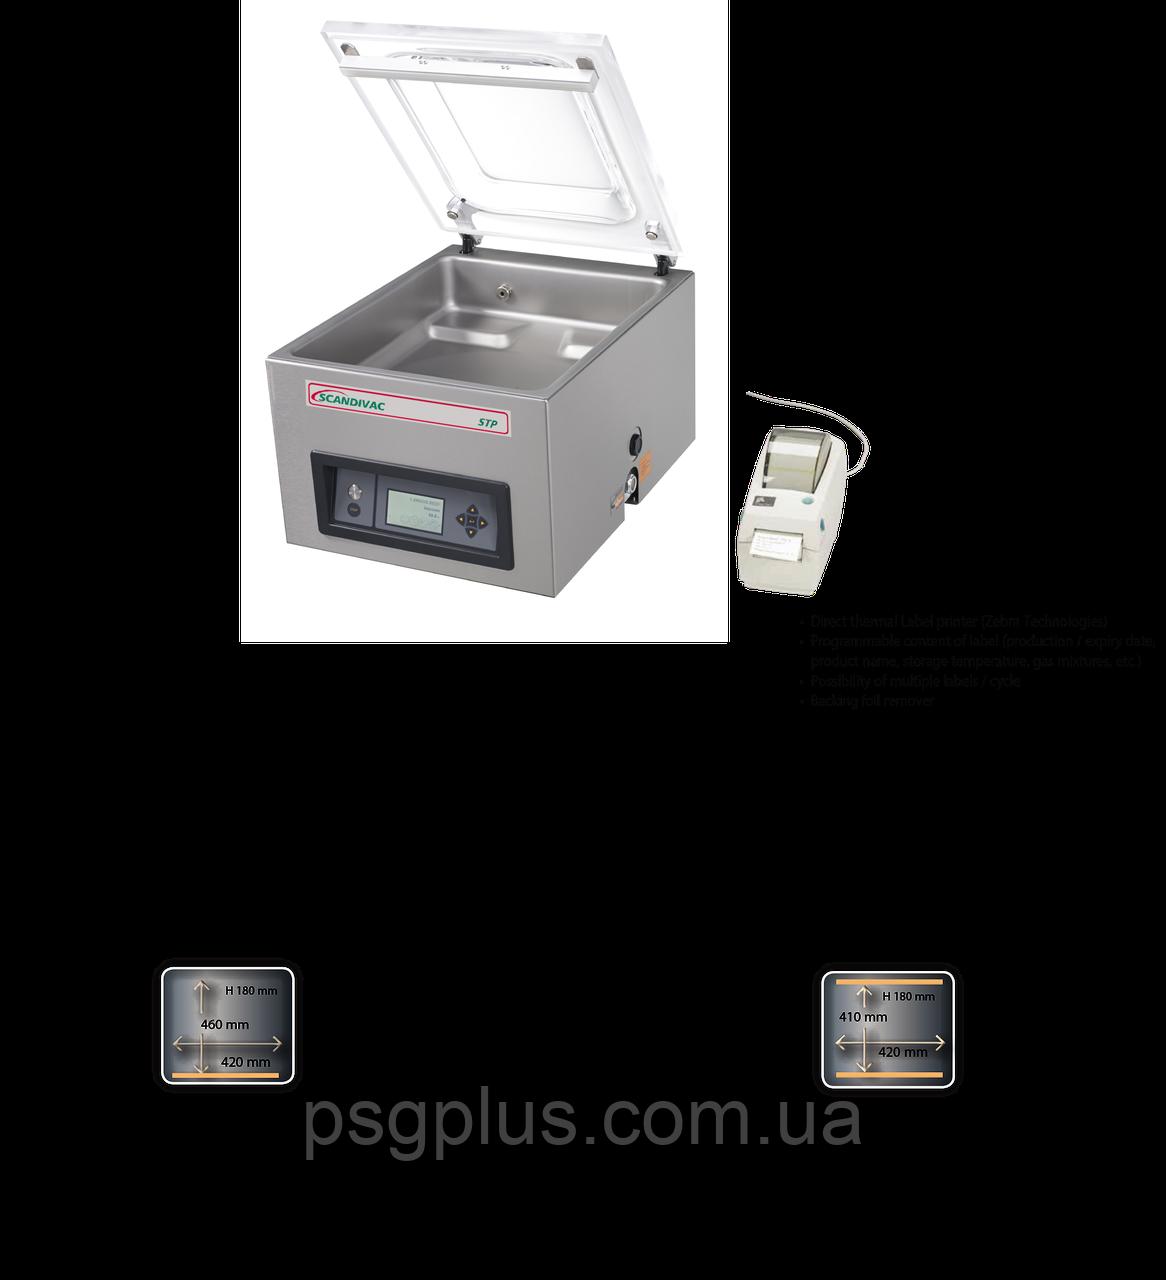 Однокамерный вакуумный упаковщик SCANDIVAC STP 21-42d